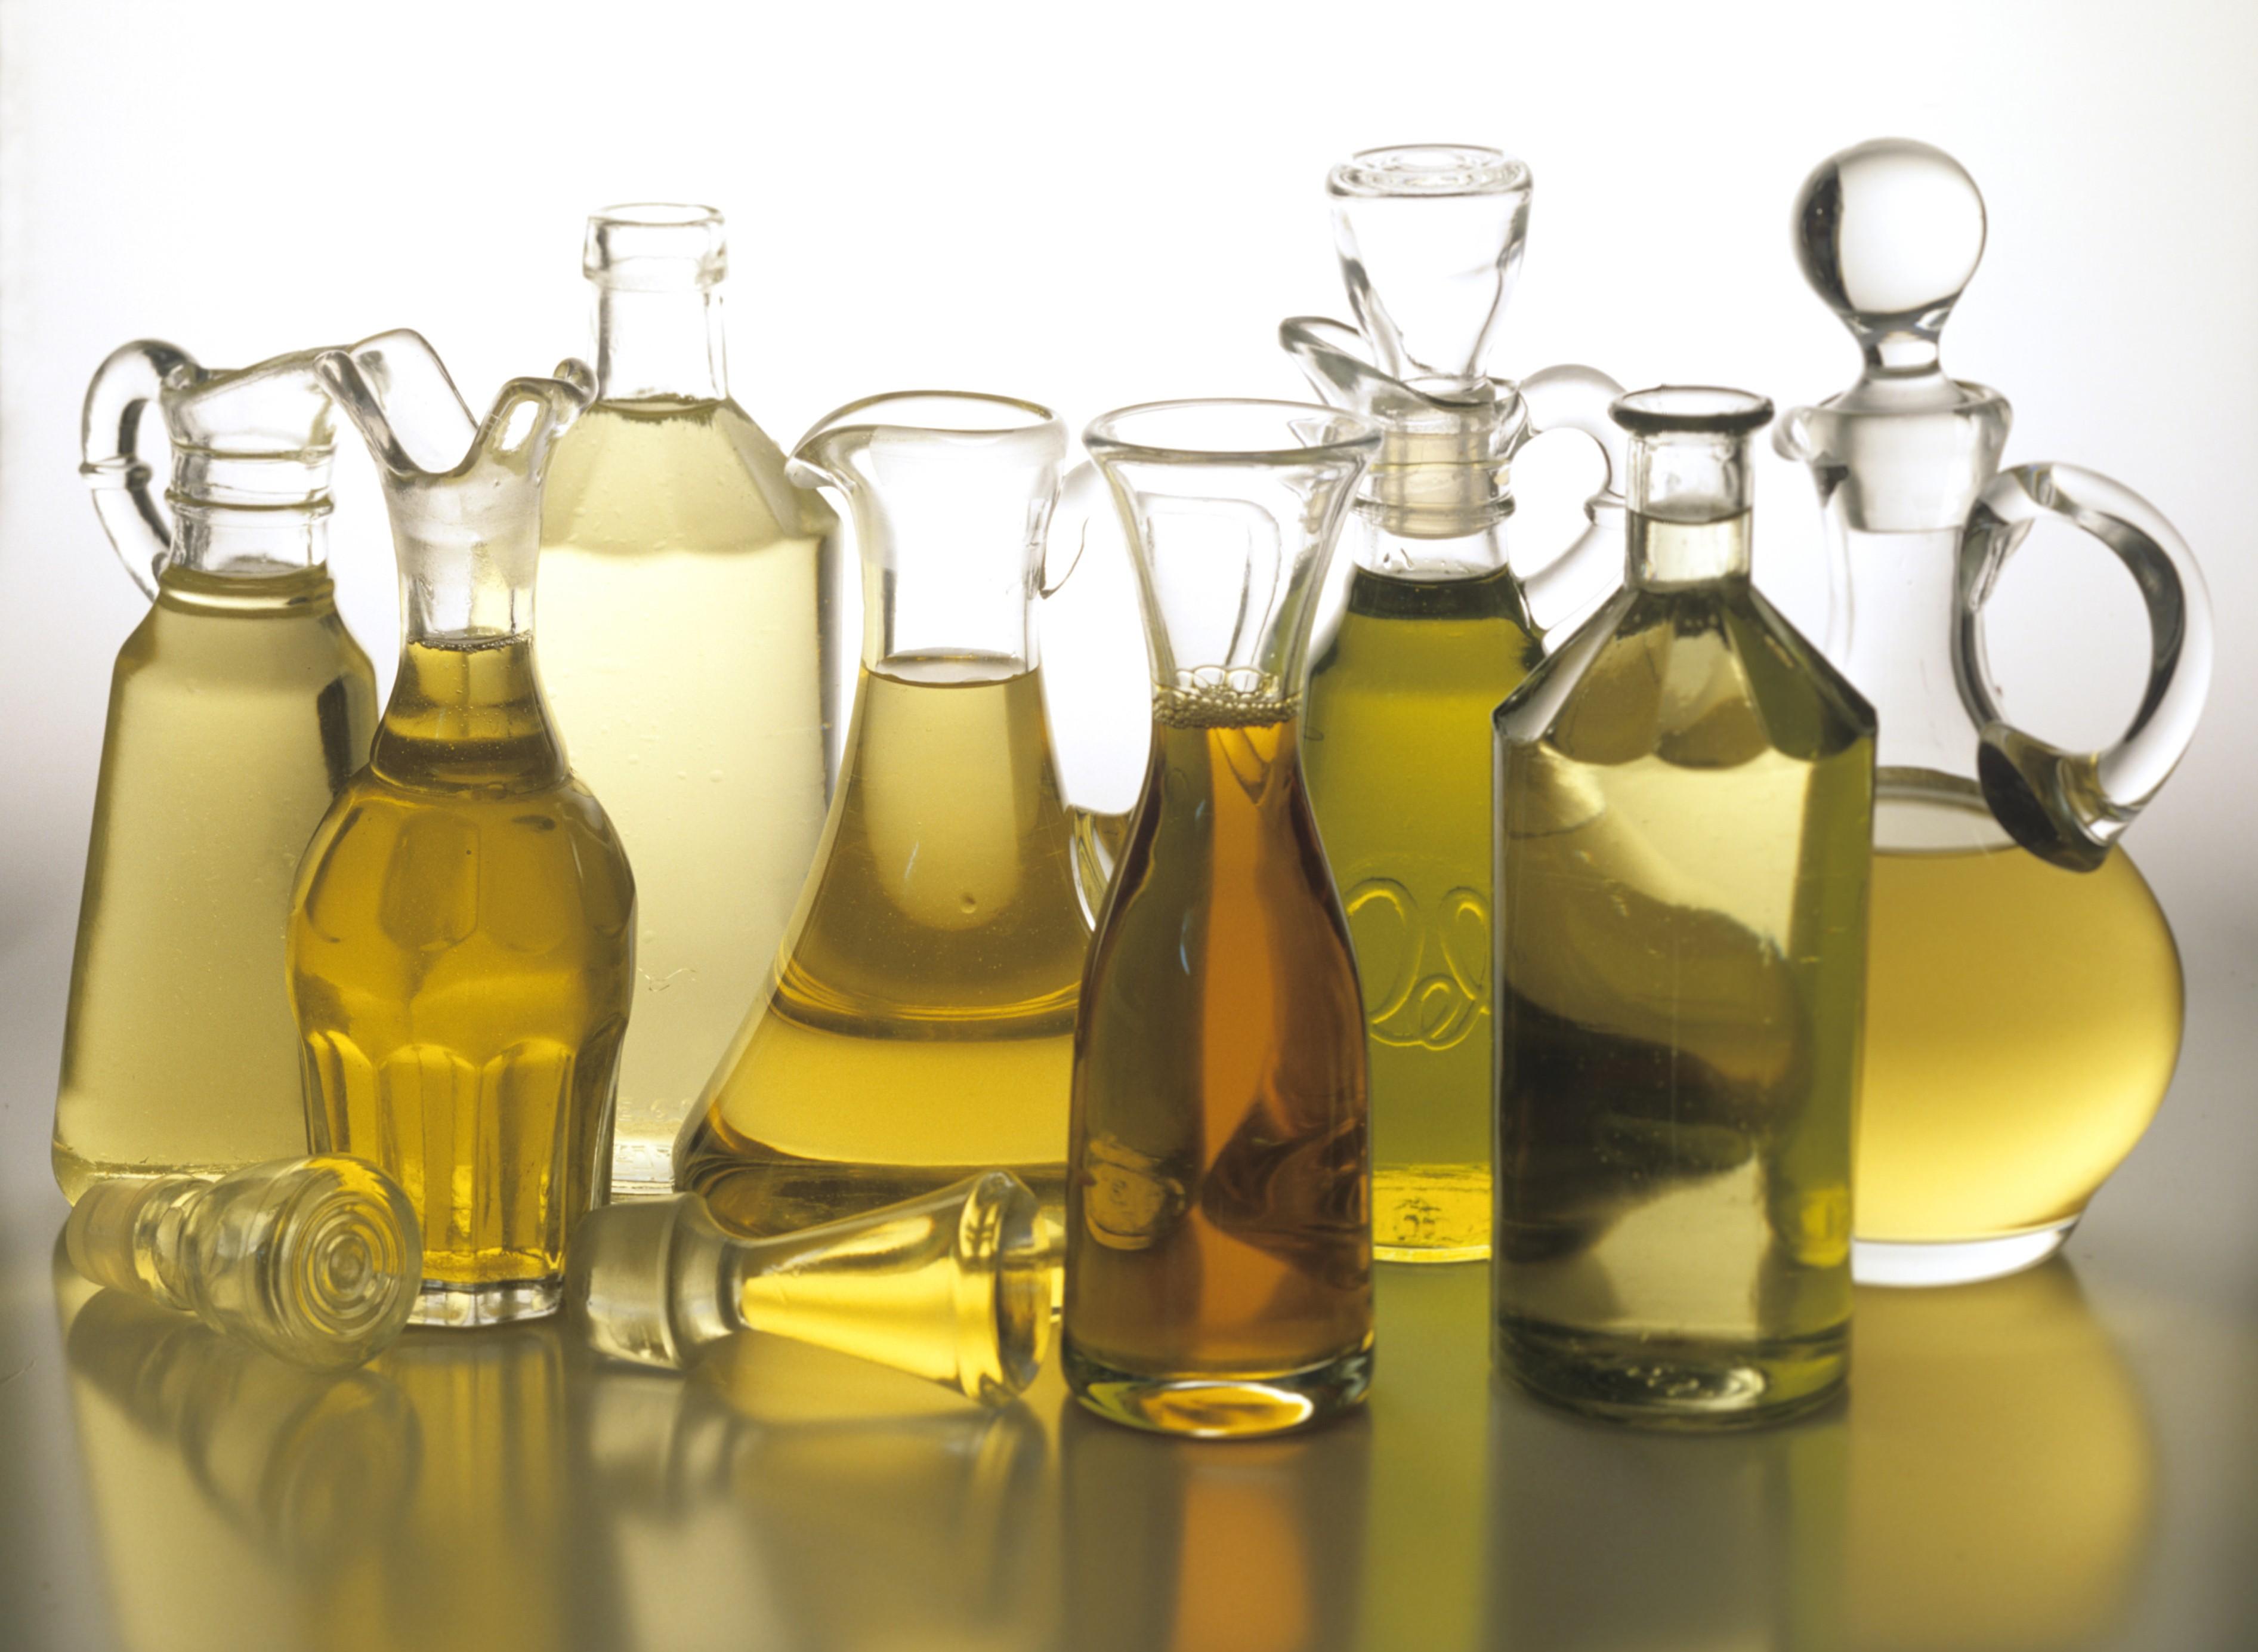 Saiba a diferença entre os óleos e tire o melhor proveito deles na sua dieta (Foto: Thinkstock)